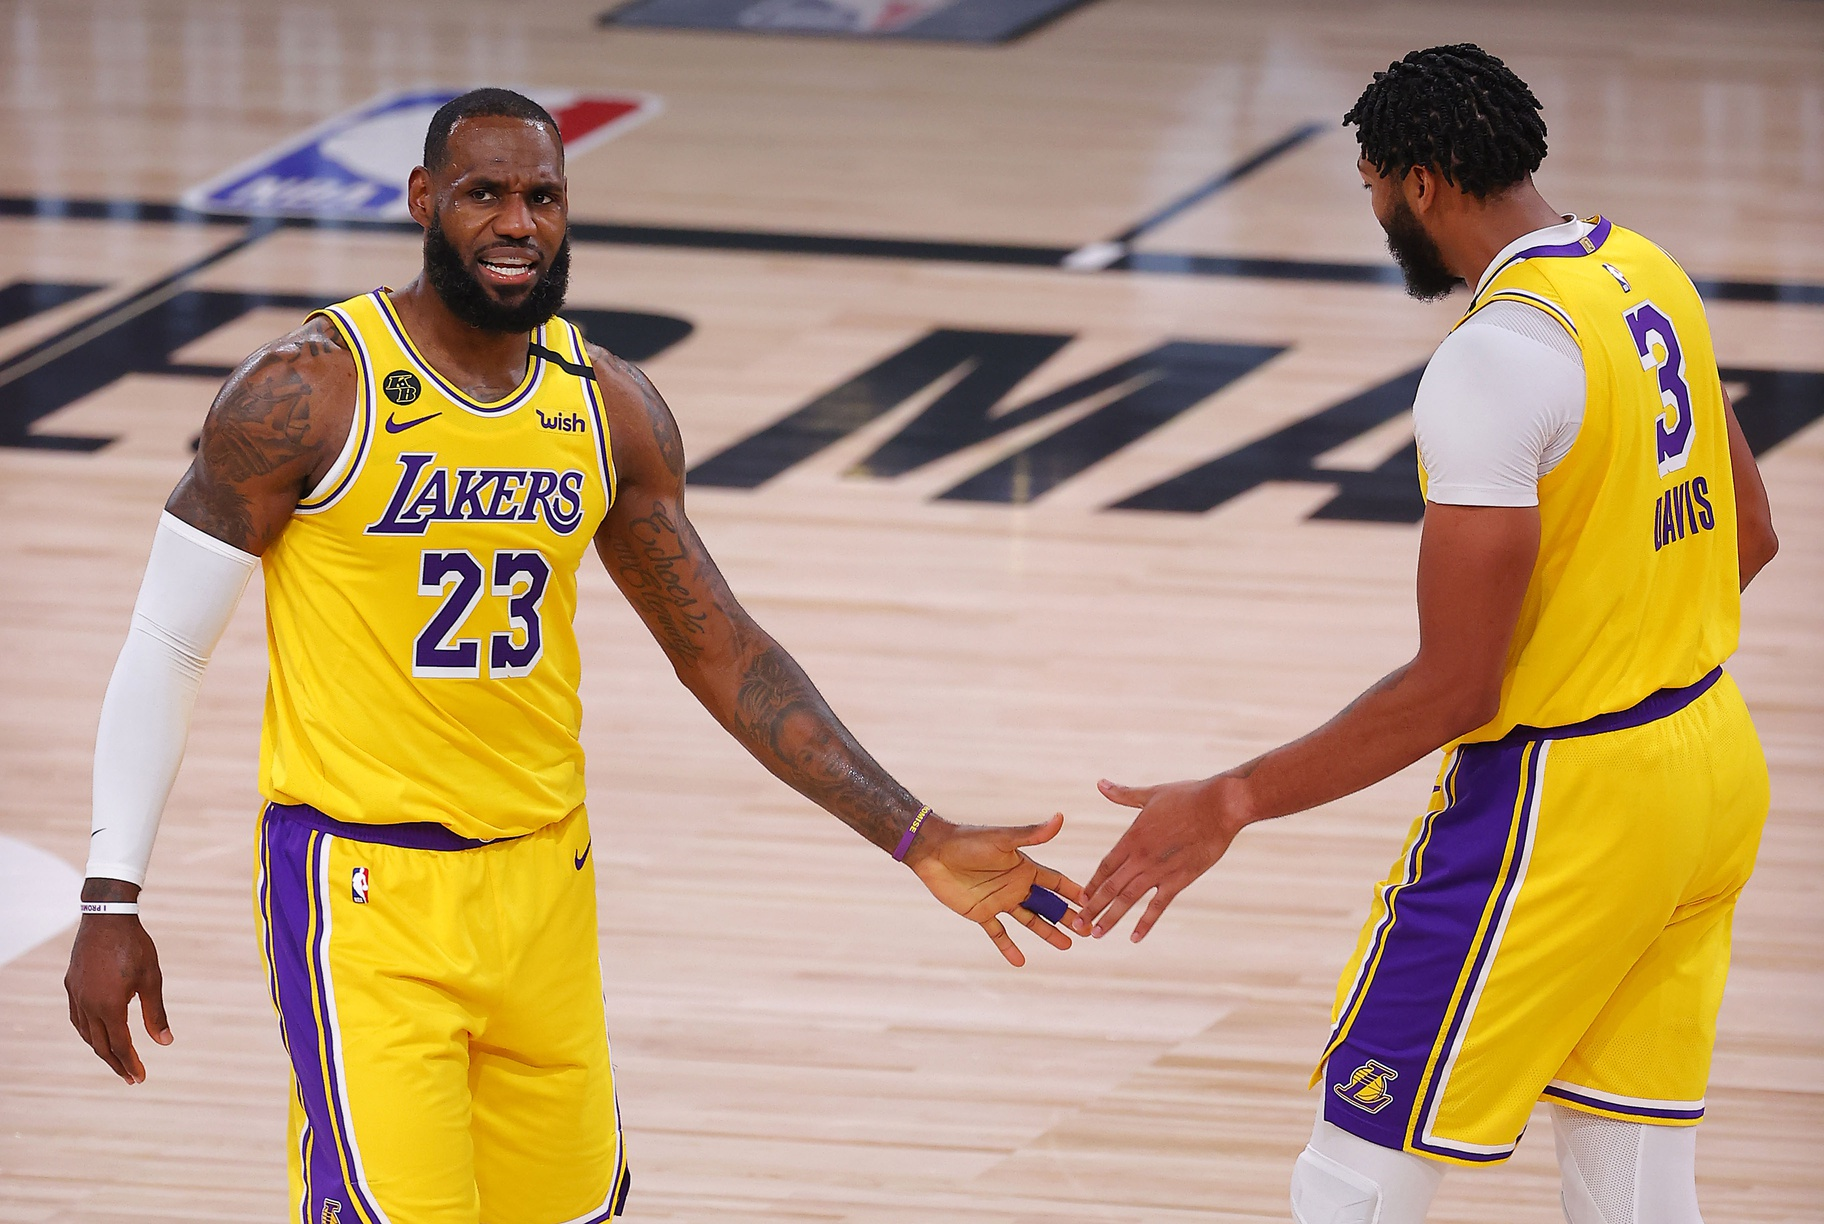 2019-20 NBA Playoff Financials